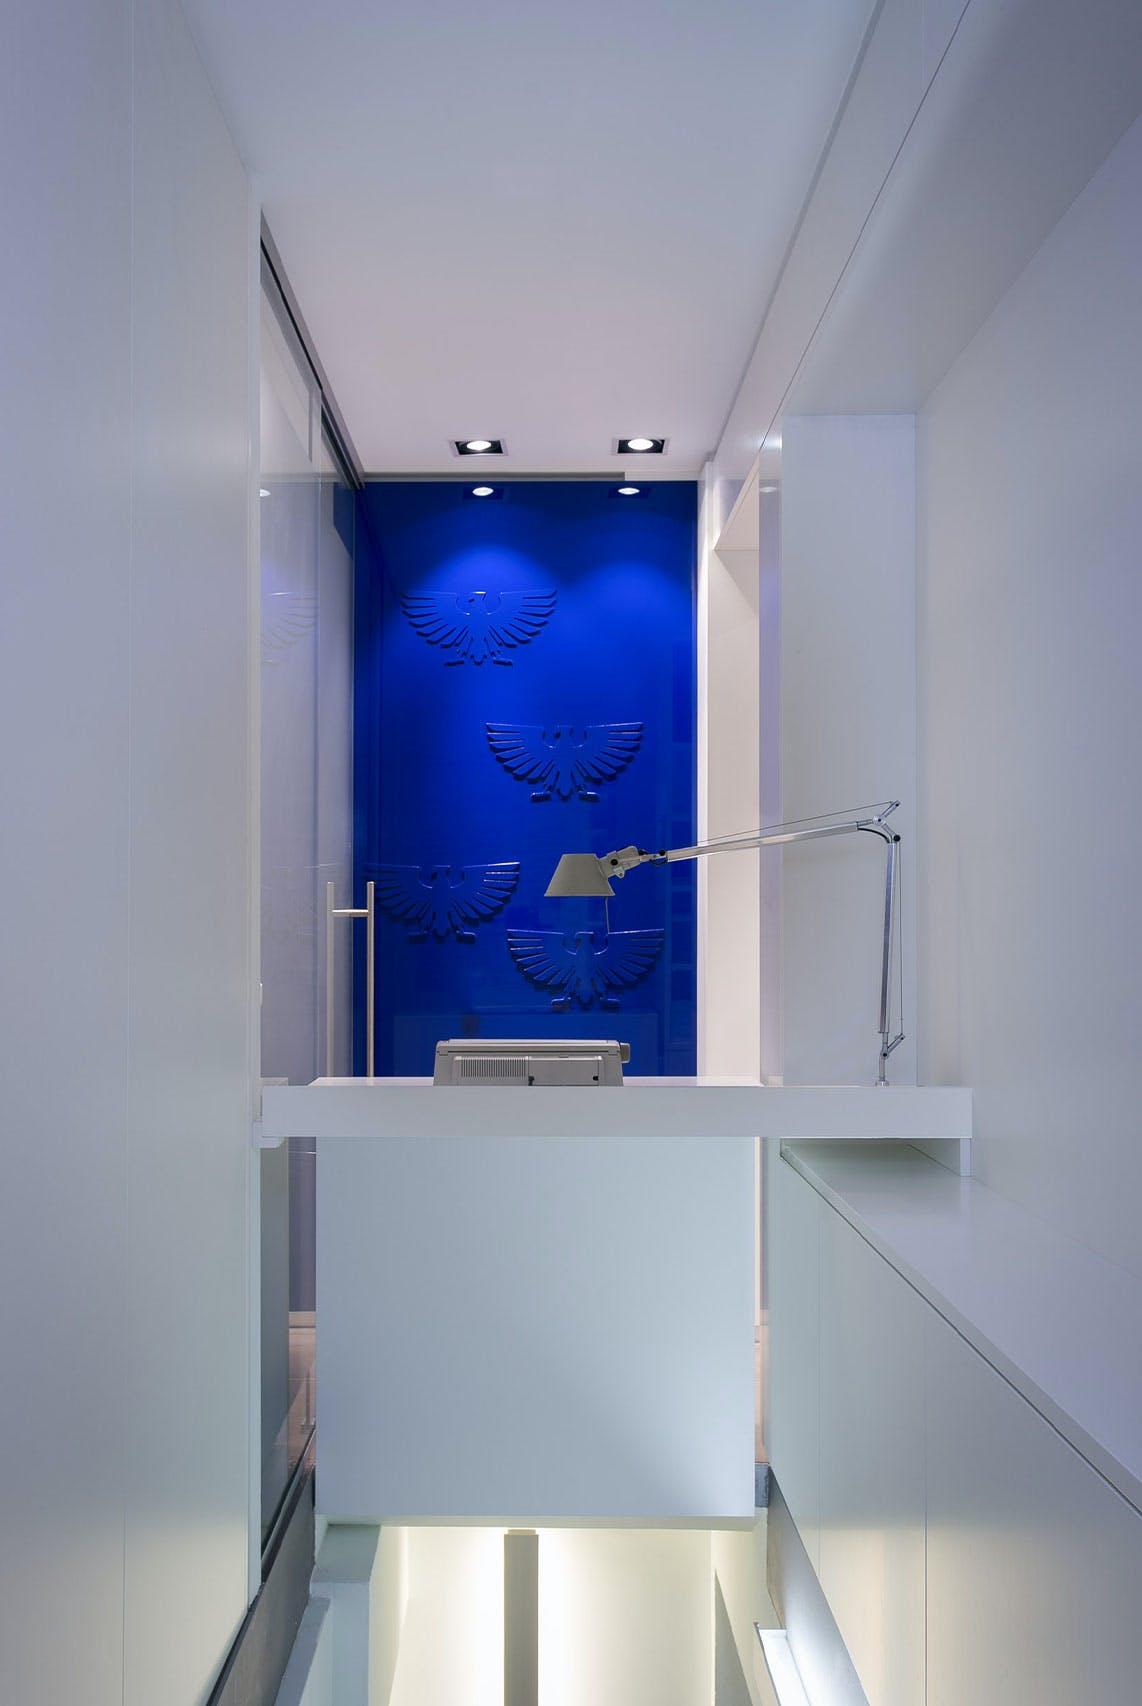 Eine besondere Apothekeneinrichtung mit blauen Wand-Details.